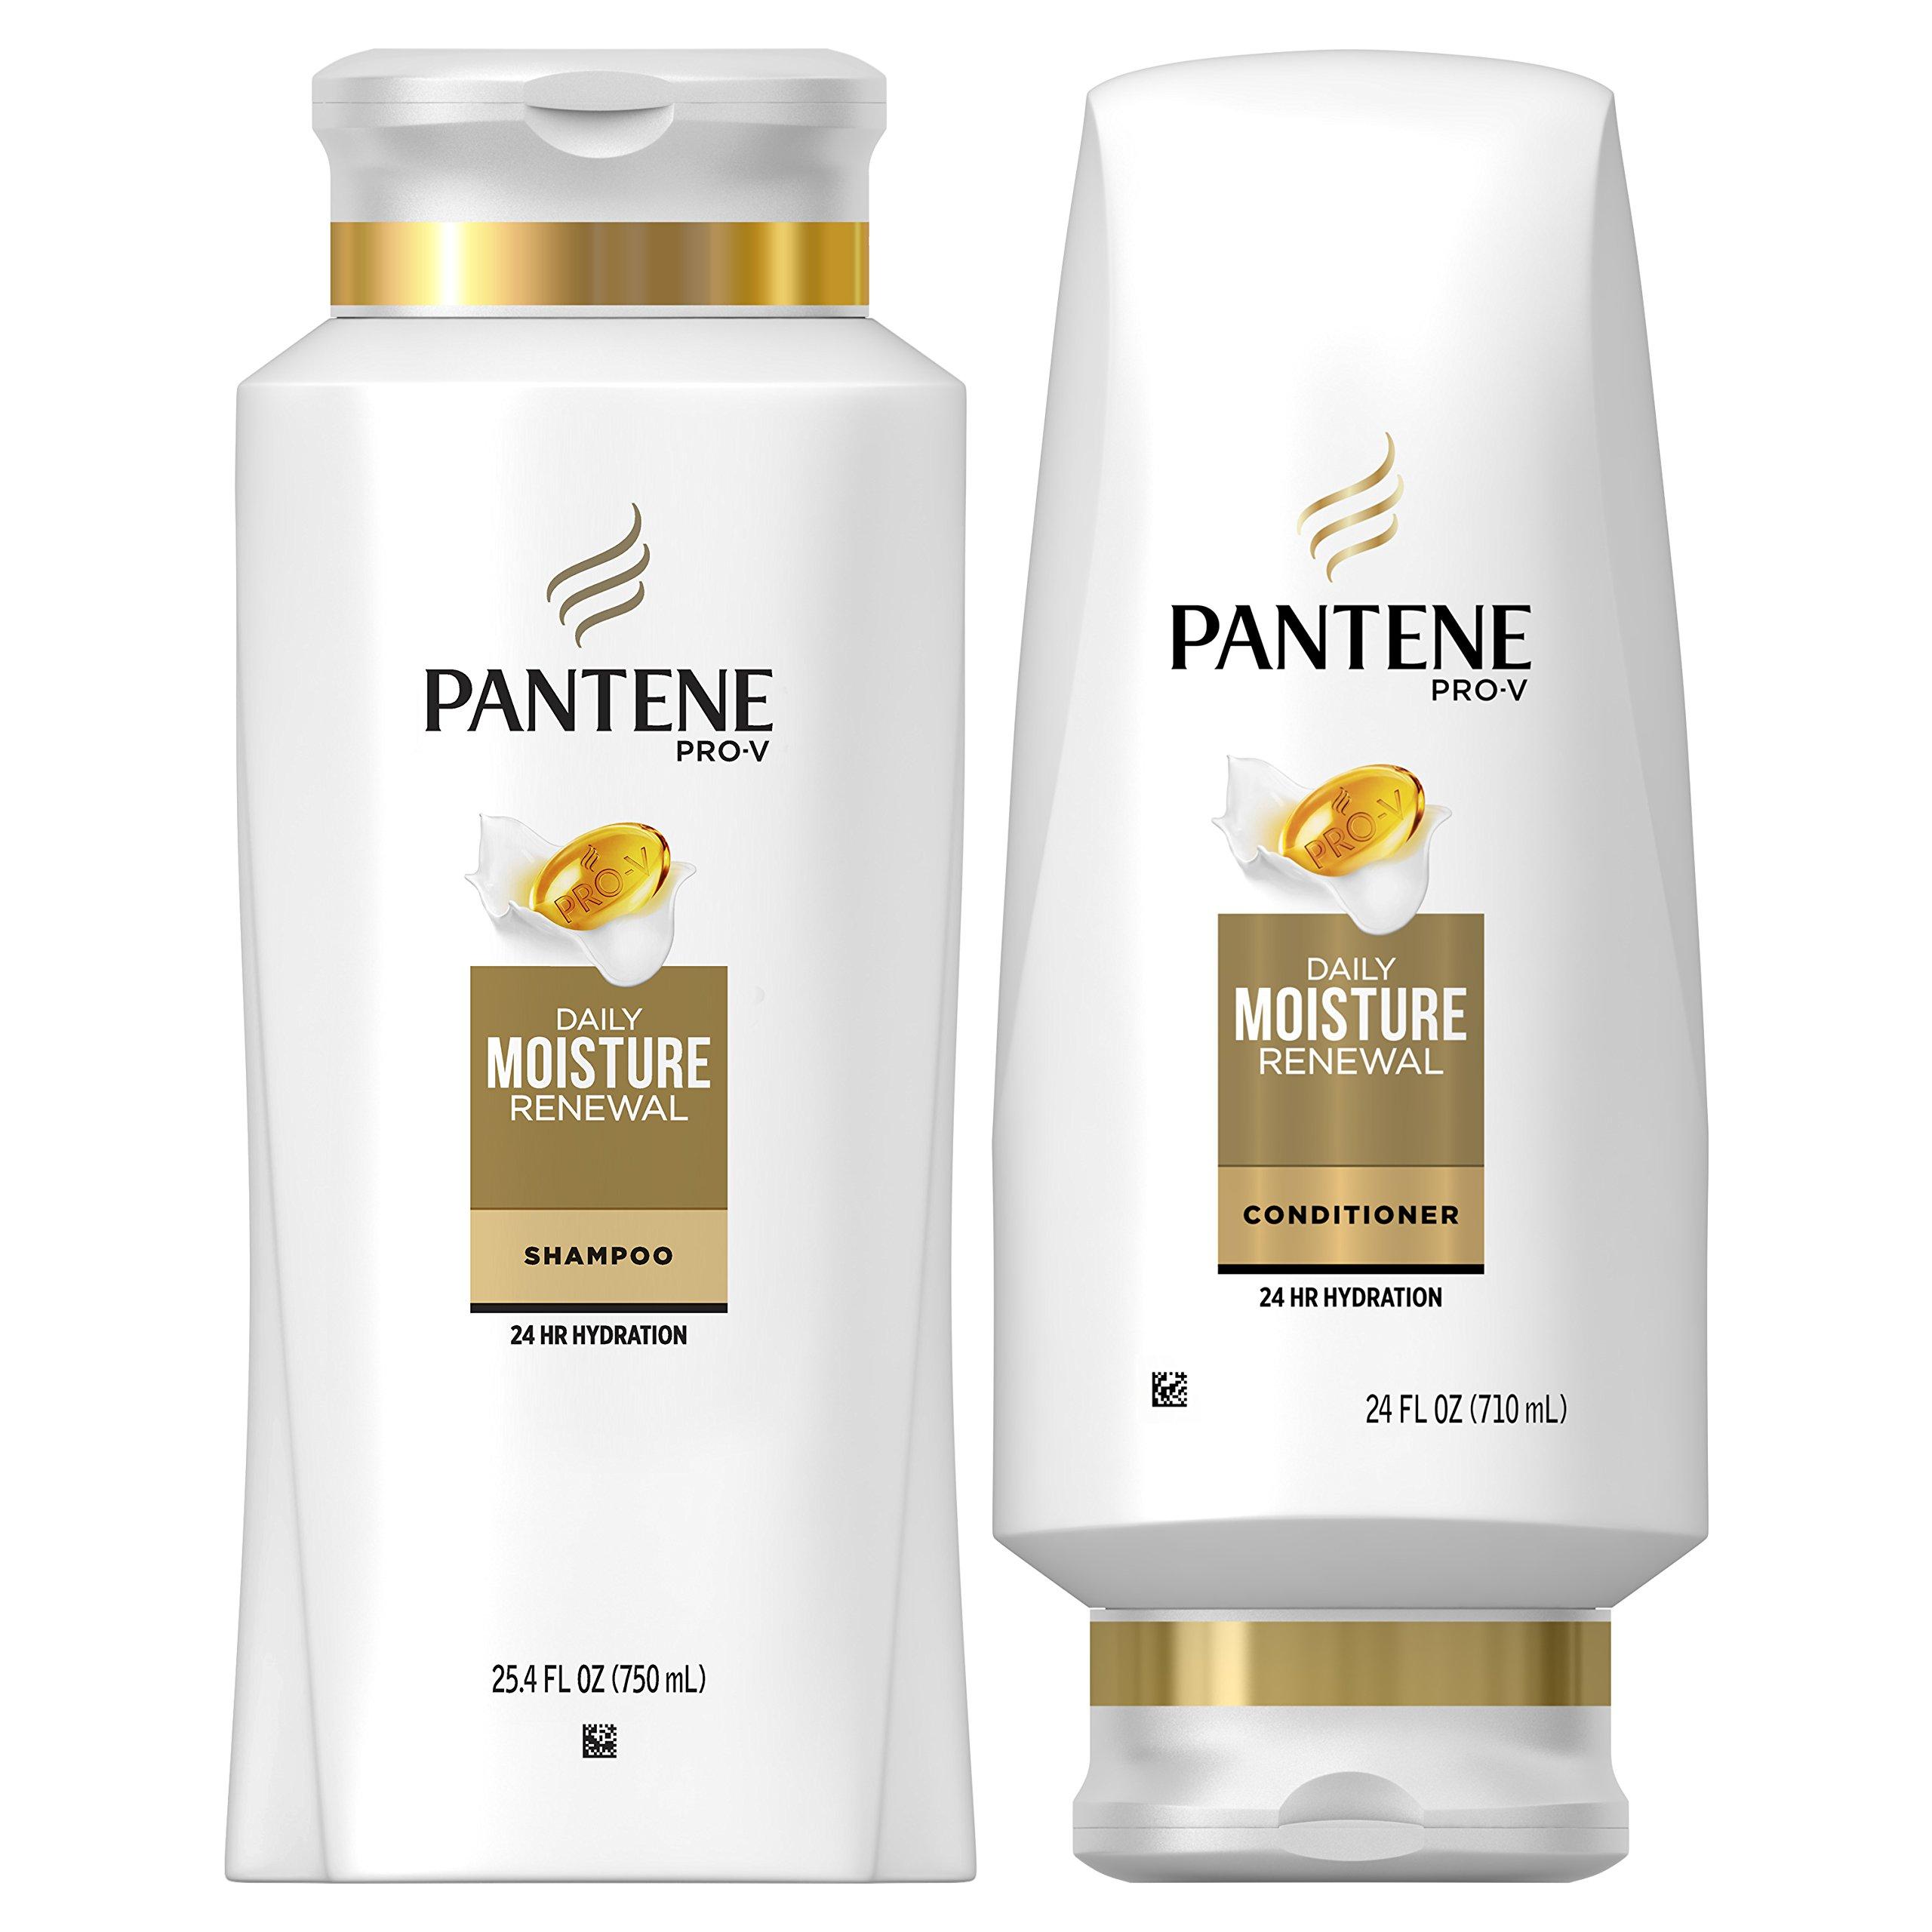 Pantene Shampoo Sulfate Conditioner Moisture